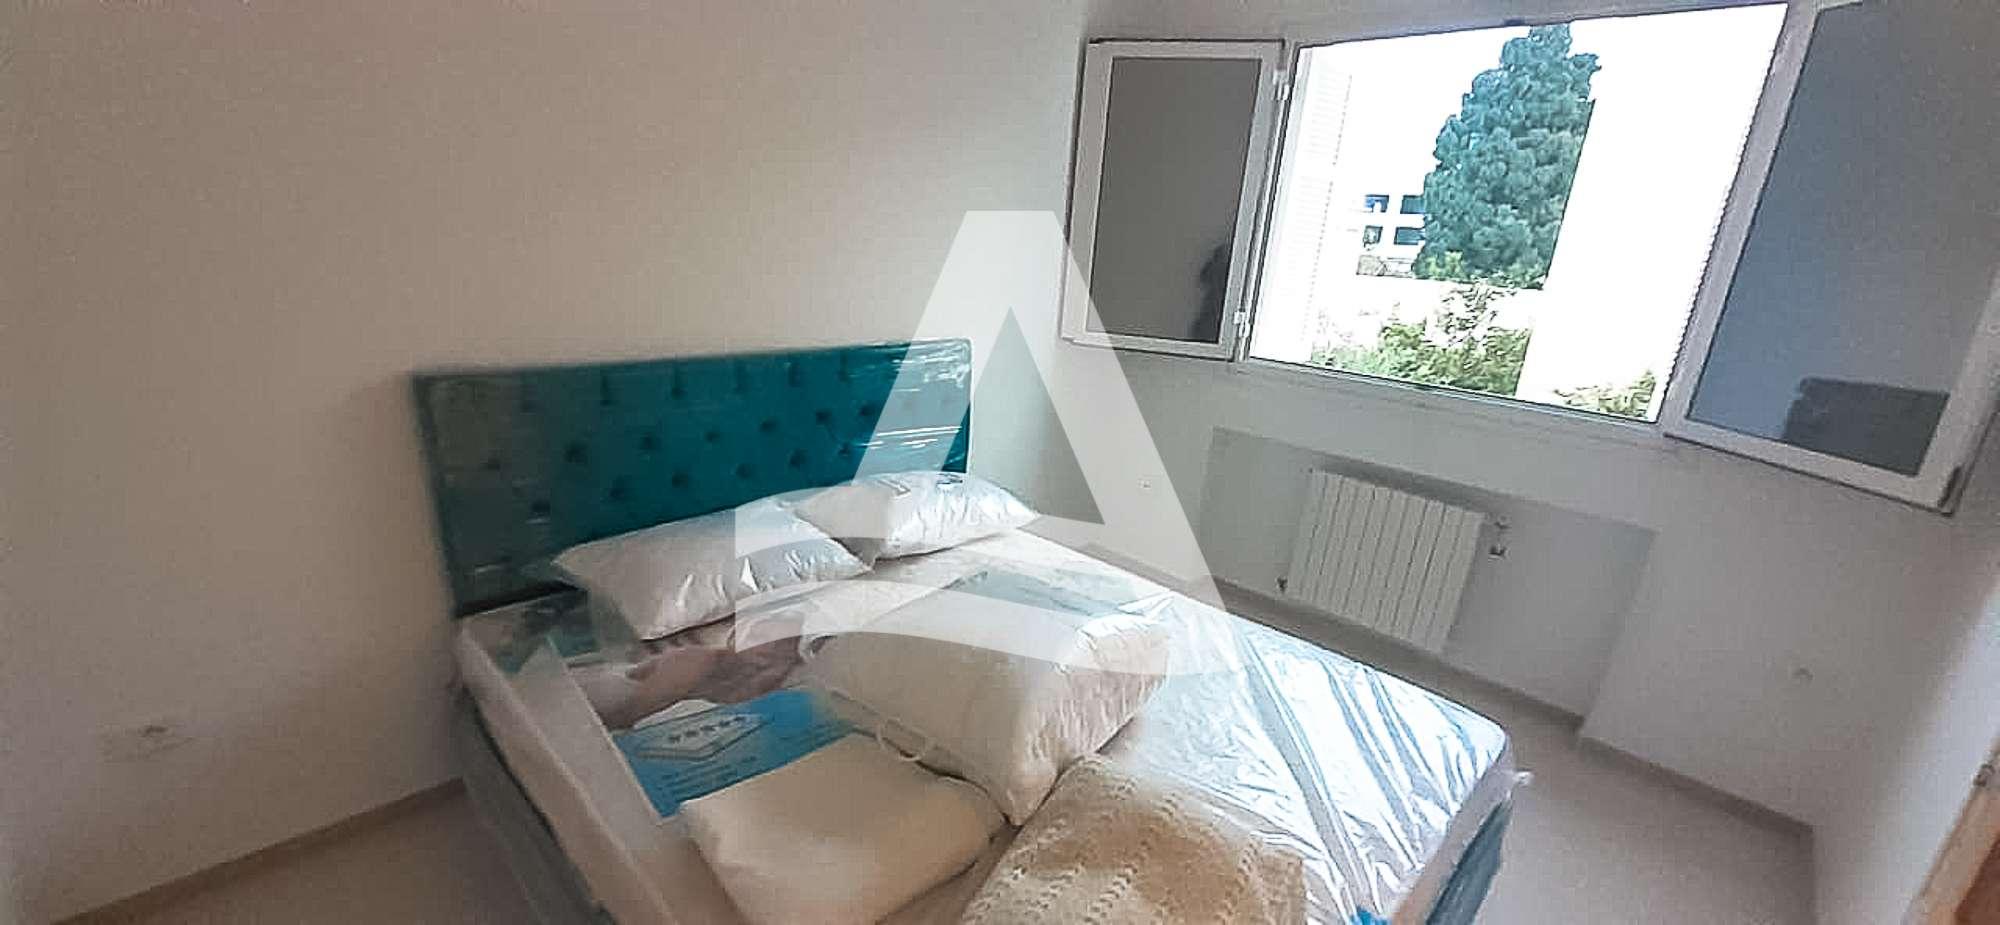 httpss3.amazonaws.comlogimoaws_Arcane_immobilière_la_Marsa-_location_-_vente_la_marsa__-14_1583429653032-2